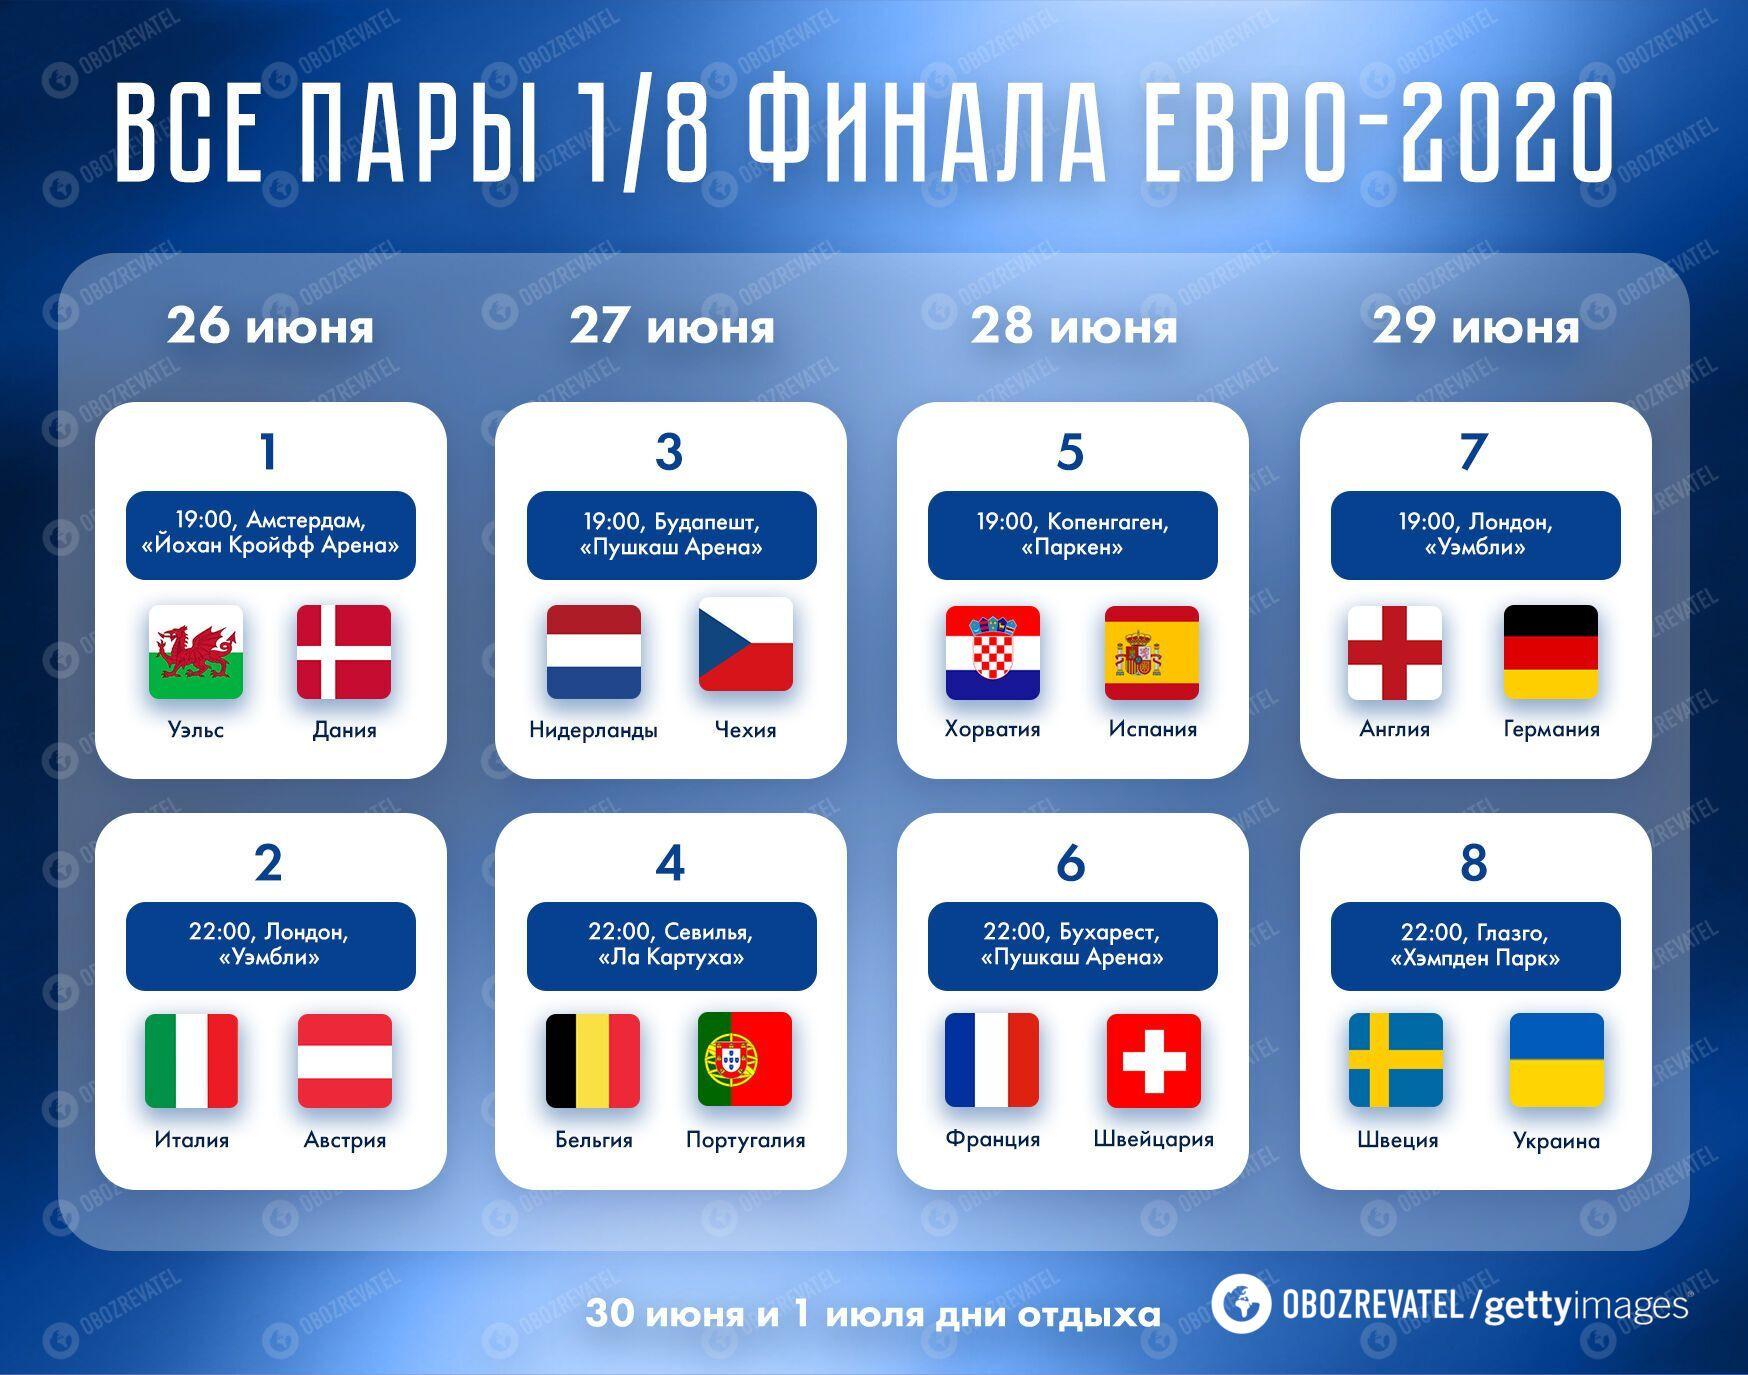 Всі пари плей-оф Євро-2020.